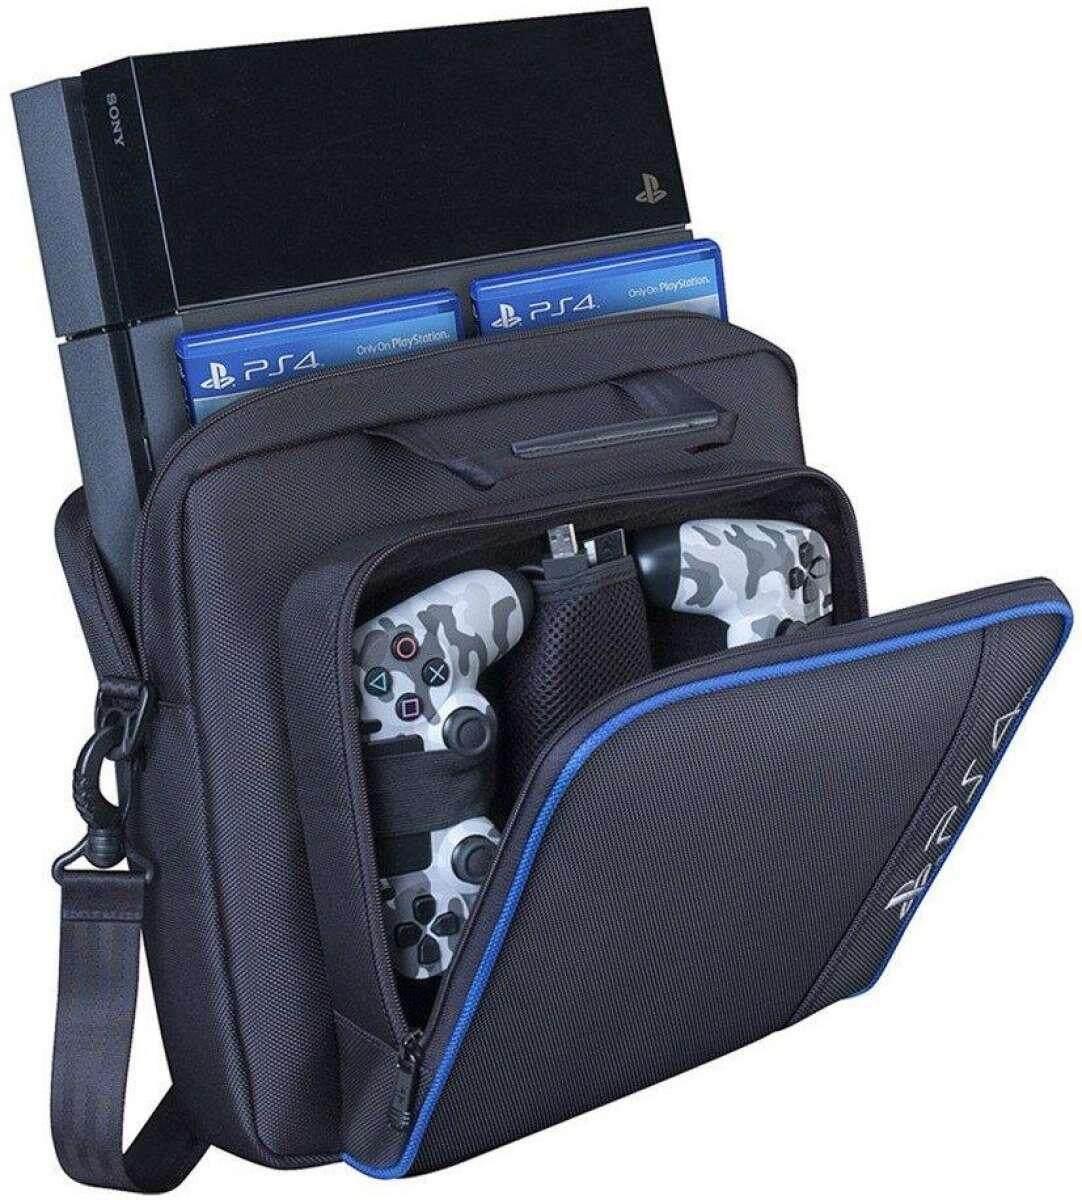 PS4 กระเป๋าเก็บของกระเป๋าเดินทางกระเป๋าถือกระเป๋าสะพายไหล่สำหรับ PS4/PS4 Pro Slim PlayStation 4 Pro คอนโซลเก็บแพคเกจ